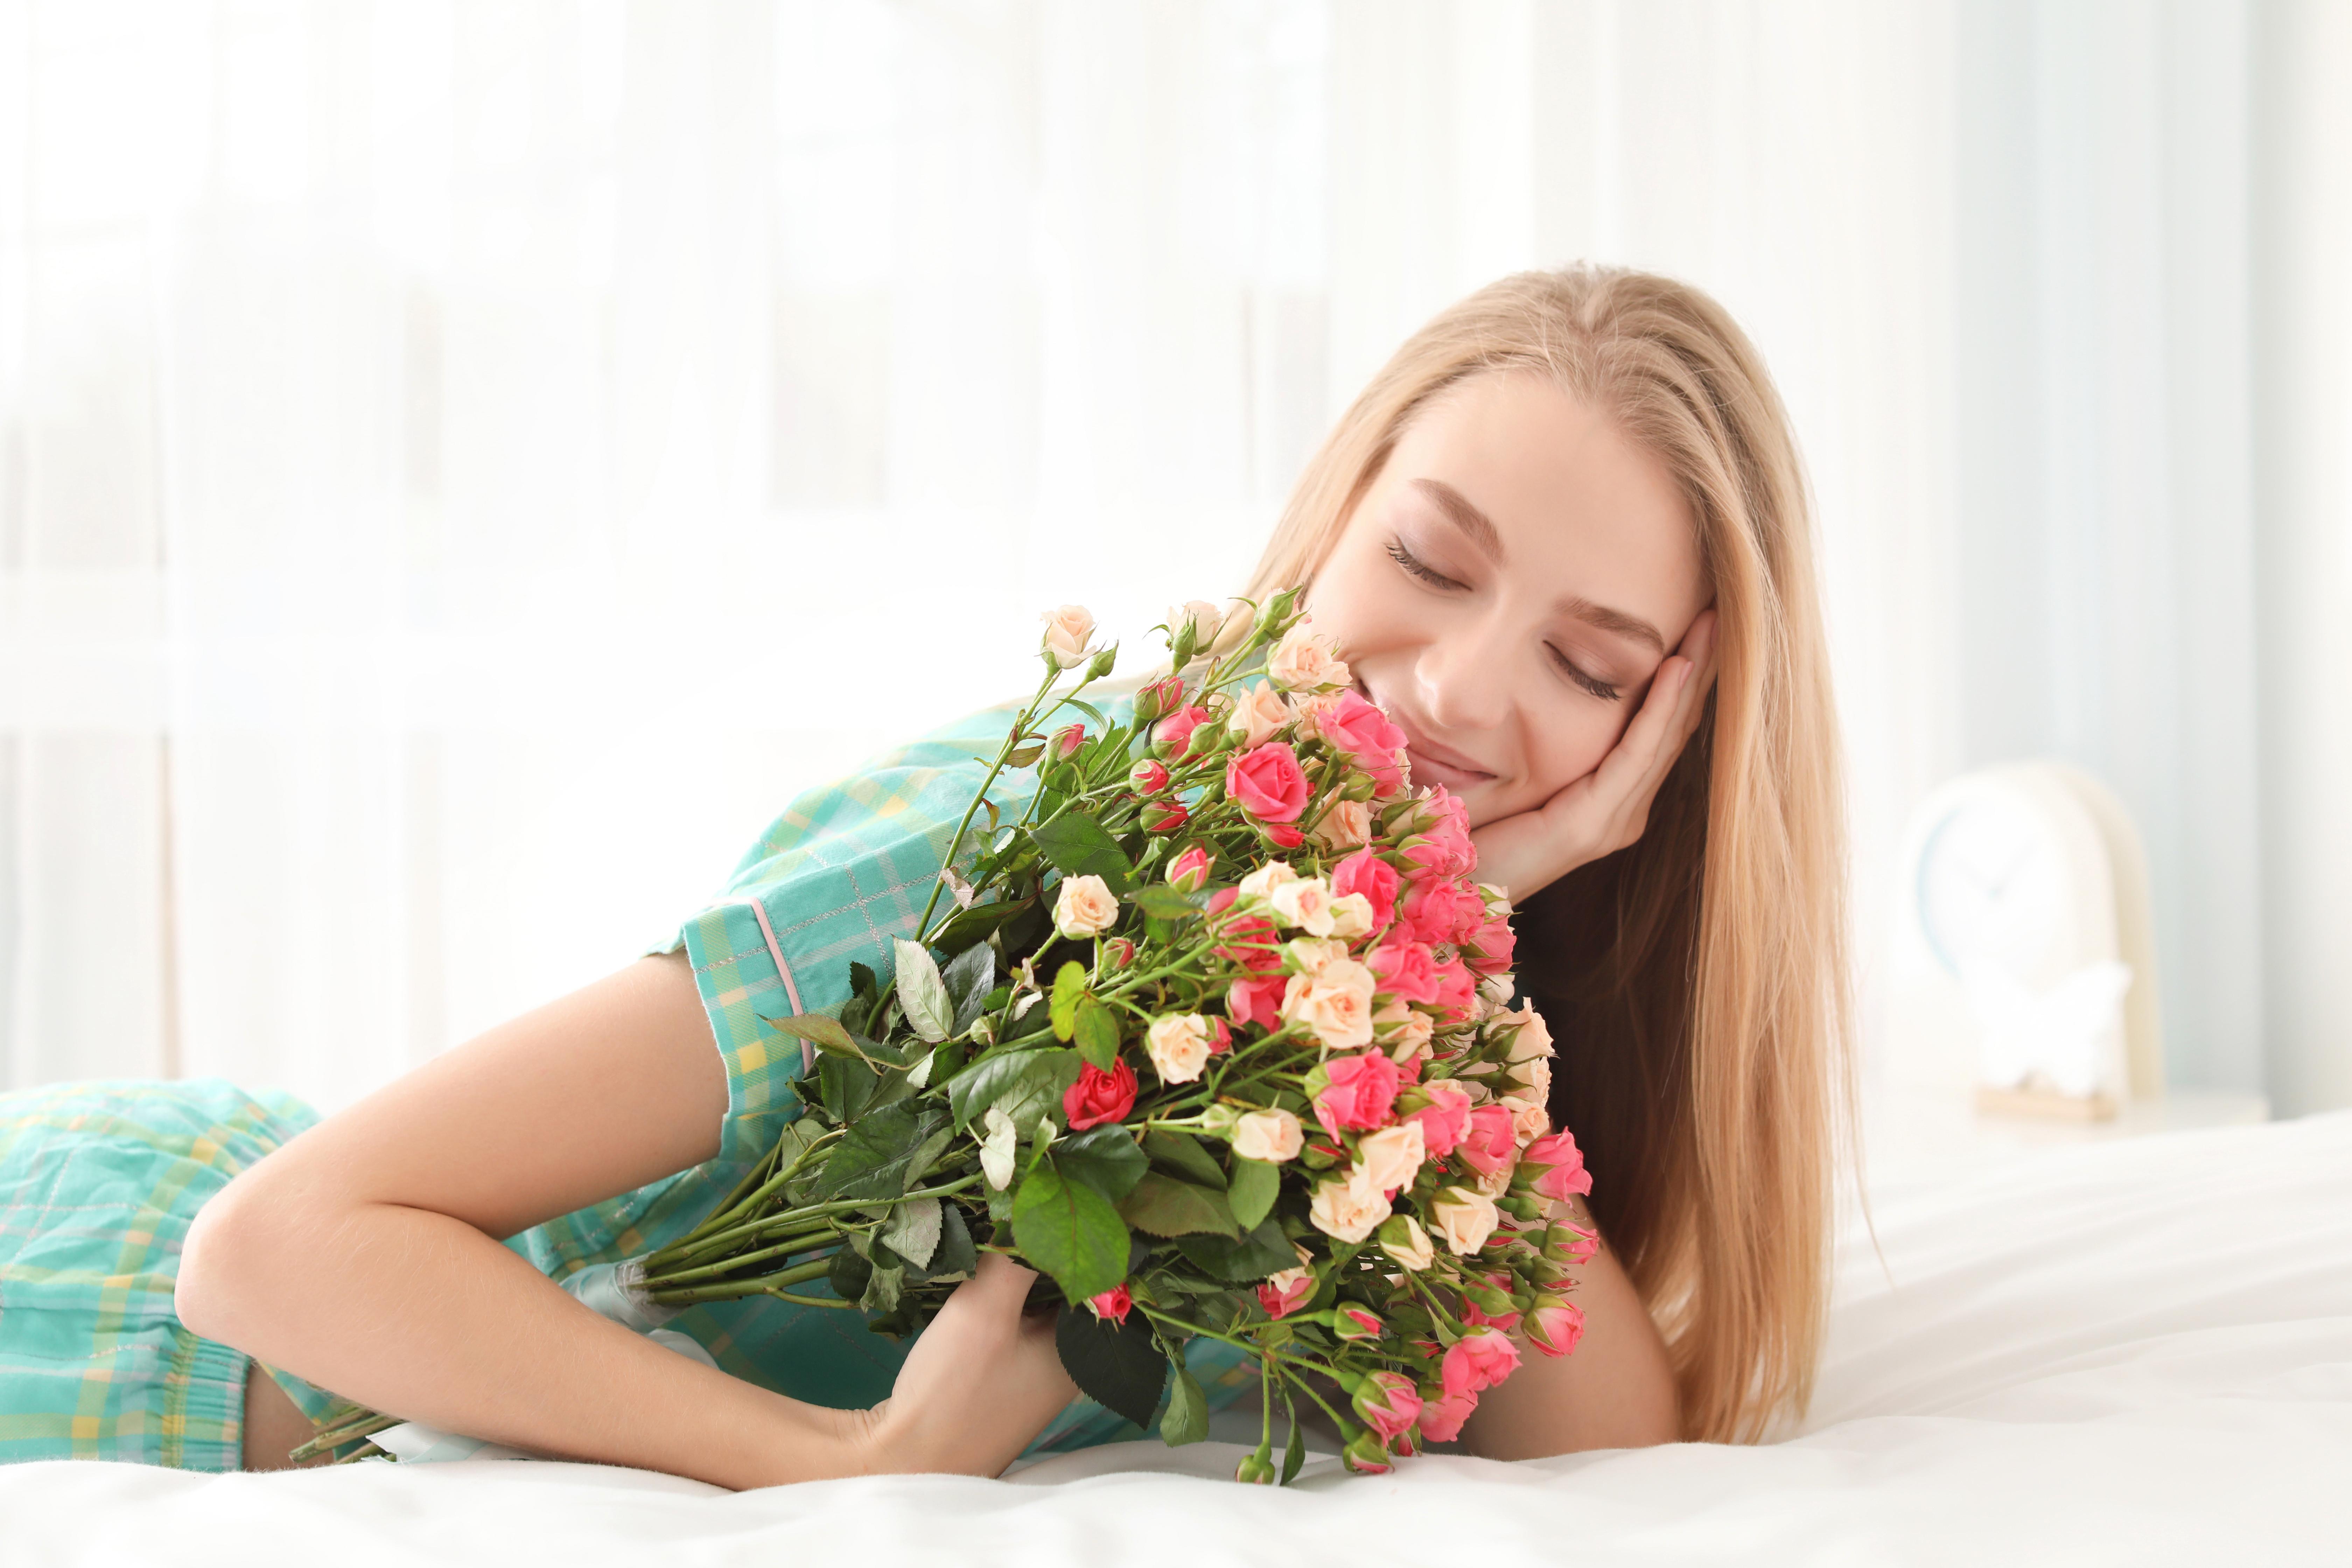 Красивые девушки с розами в руках фото